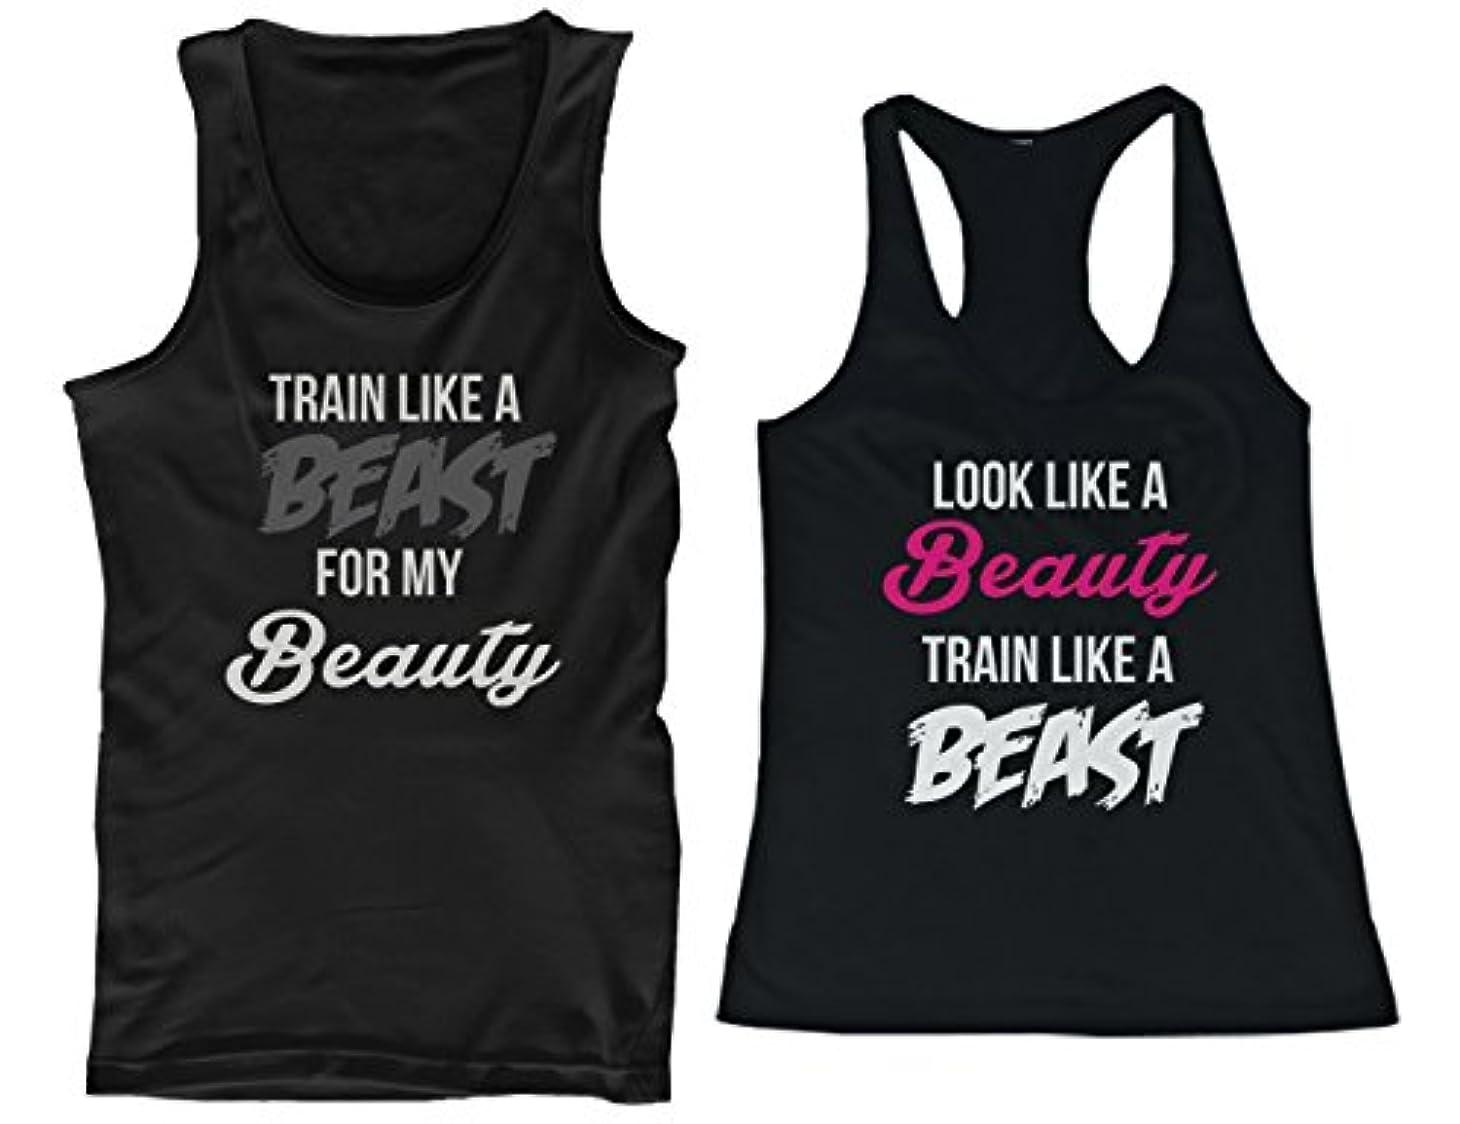 ヒットピービッシュ蓋365 Printing His and Her Matching Tank Tops Look Like A Beauty Train Like A Be